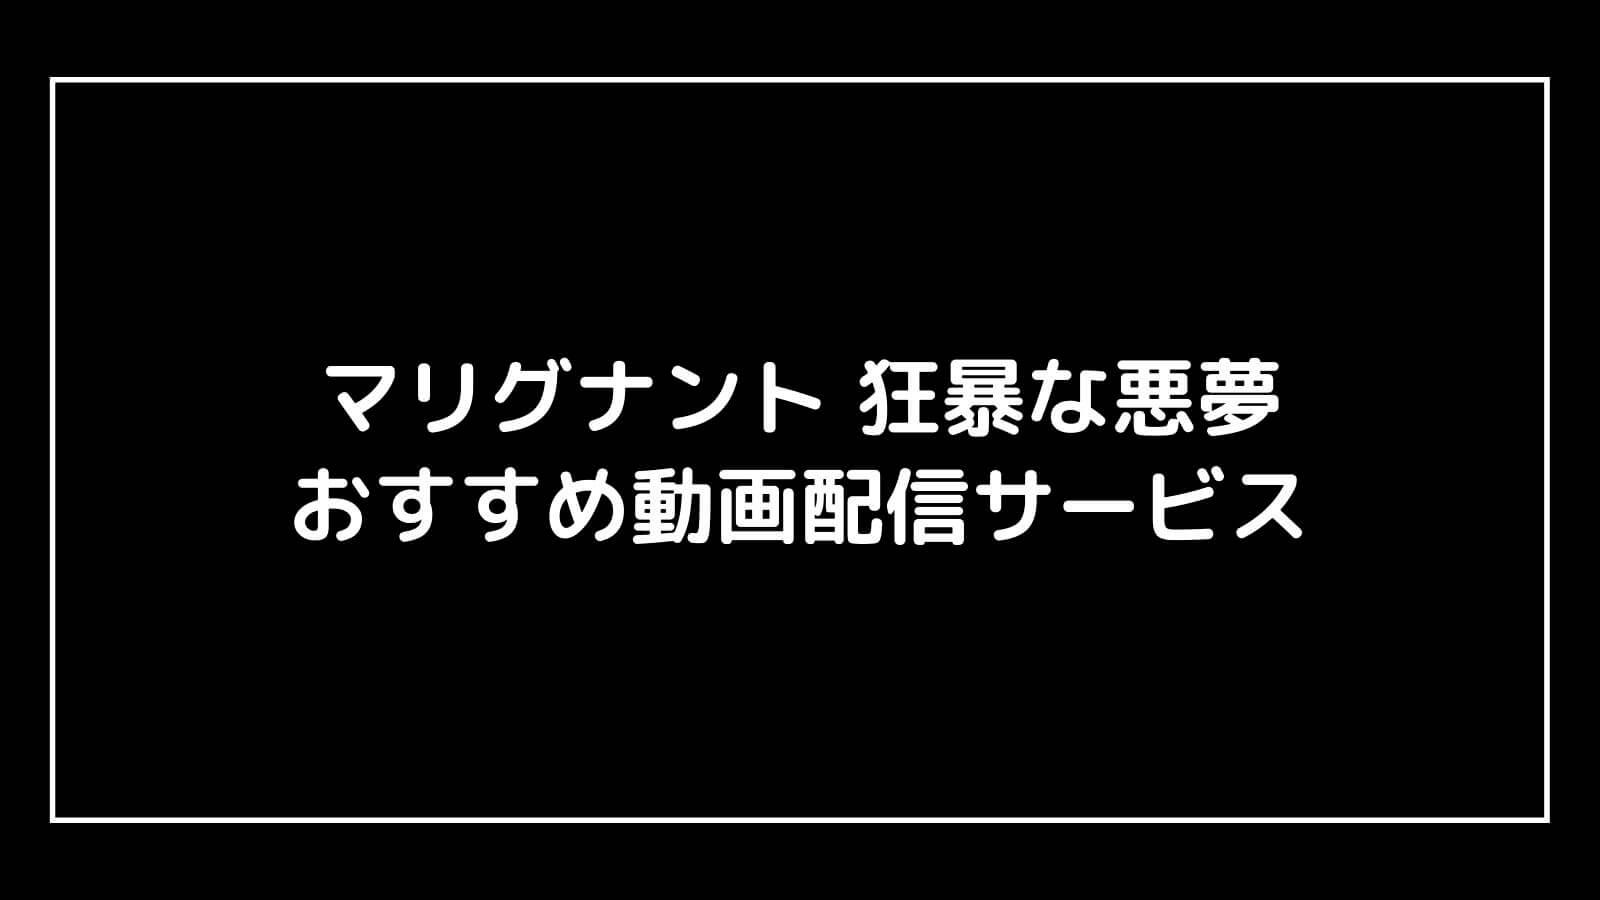 映画『マリグナント 狂暴な悪夢』を無料視聴できるおすすめ動画配信サービス